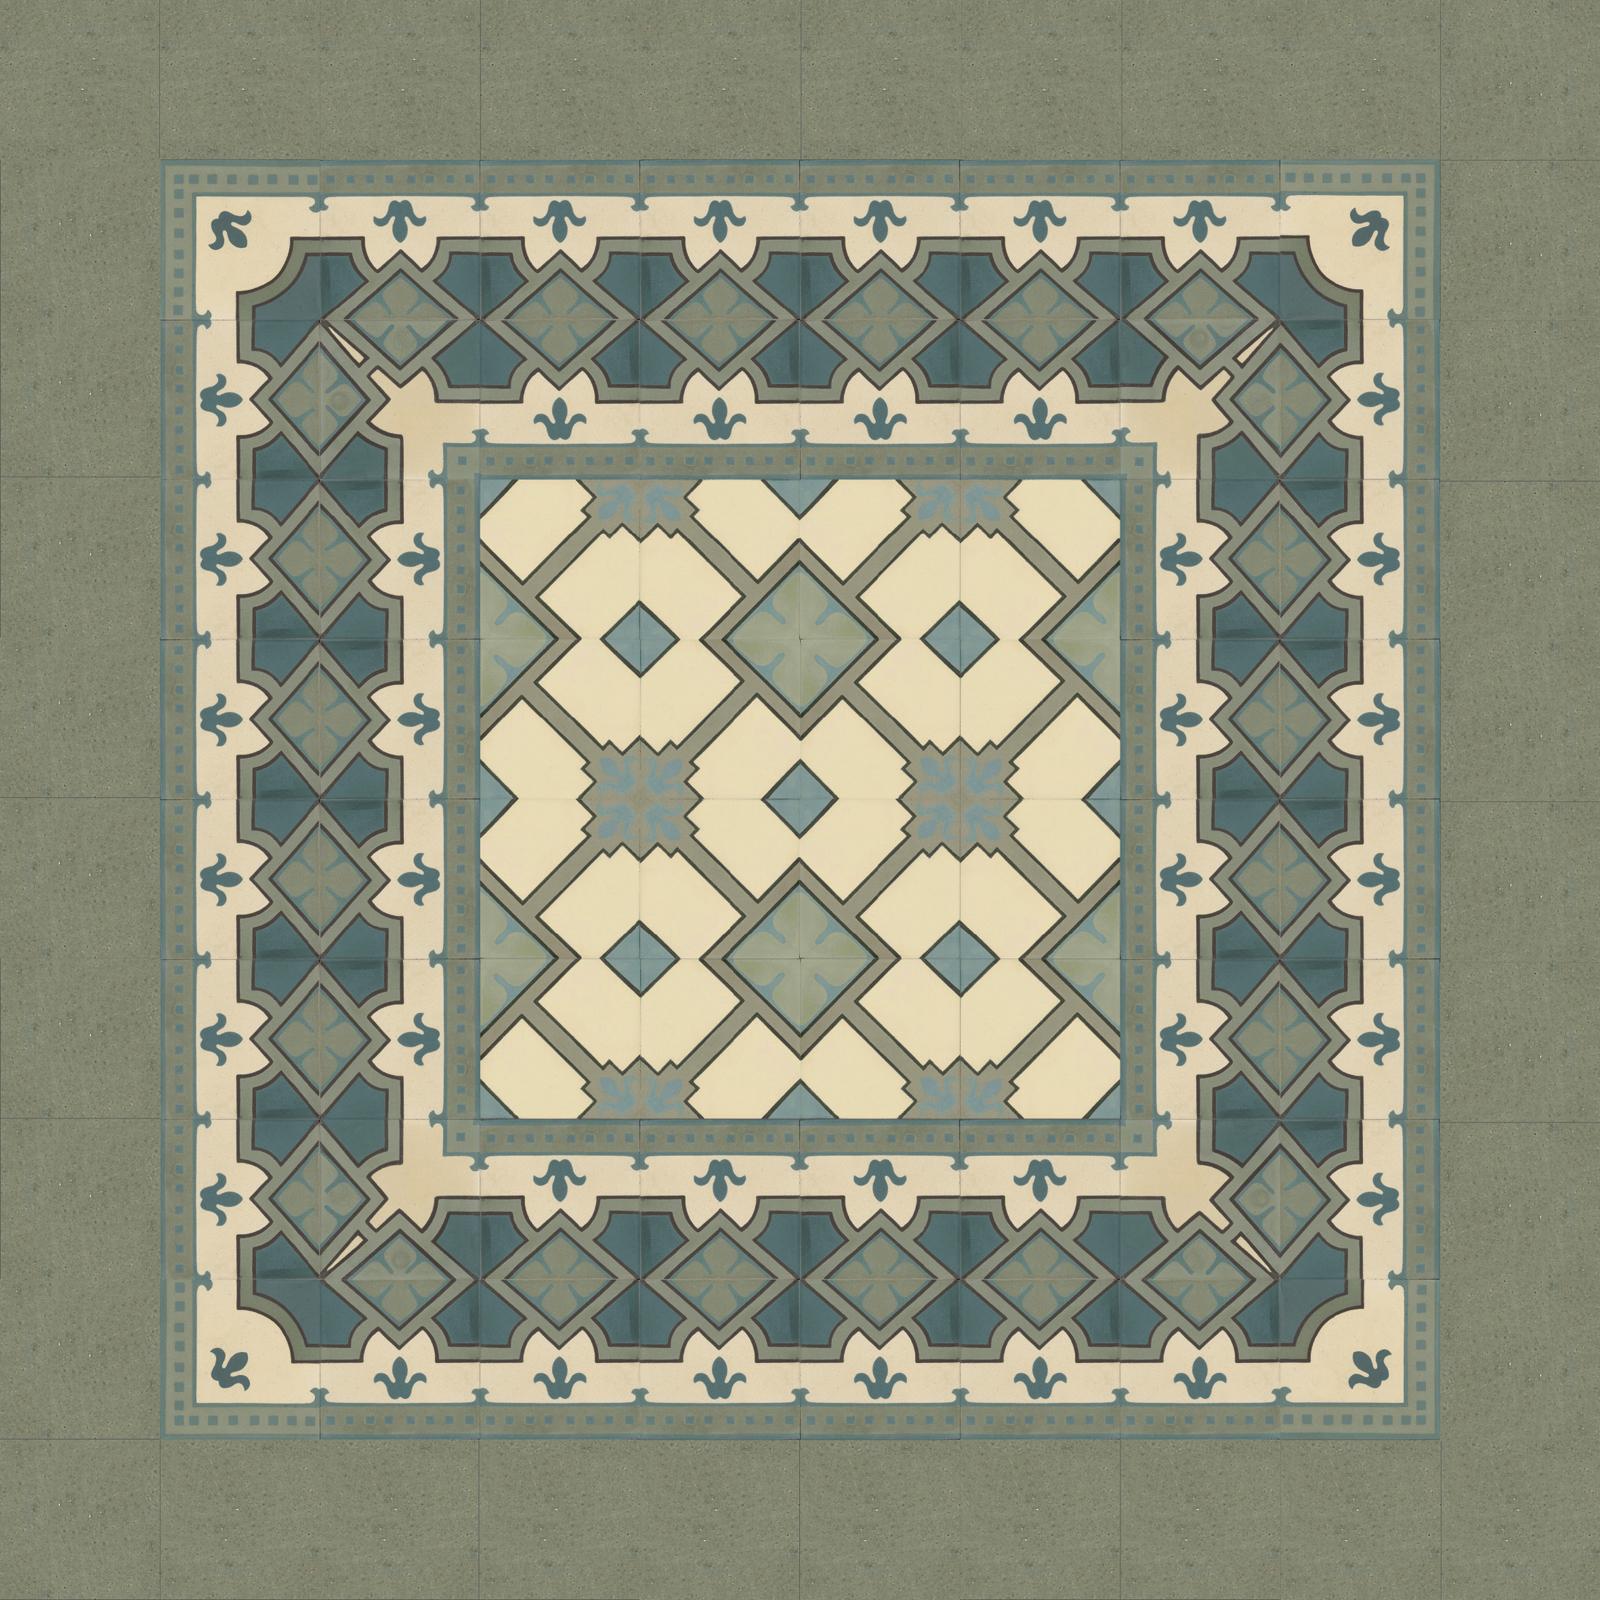 zementmosaikfliesen-nr.51060-viaplatten | 51060/141